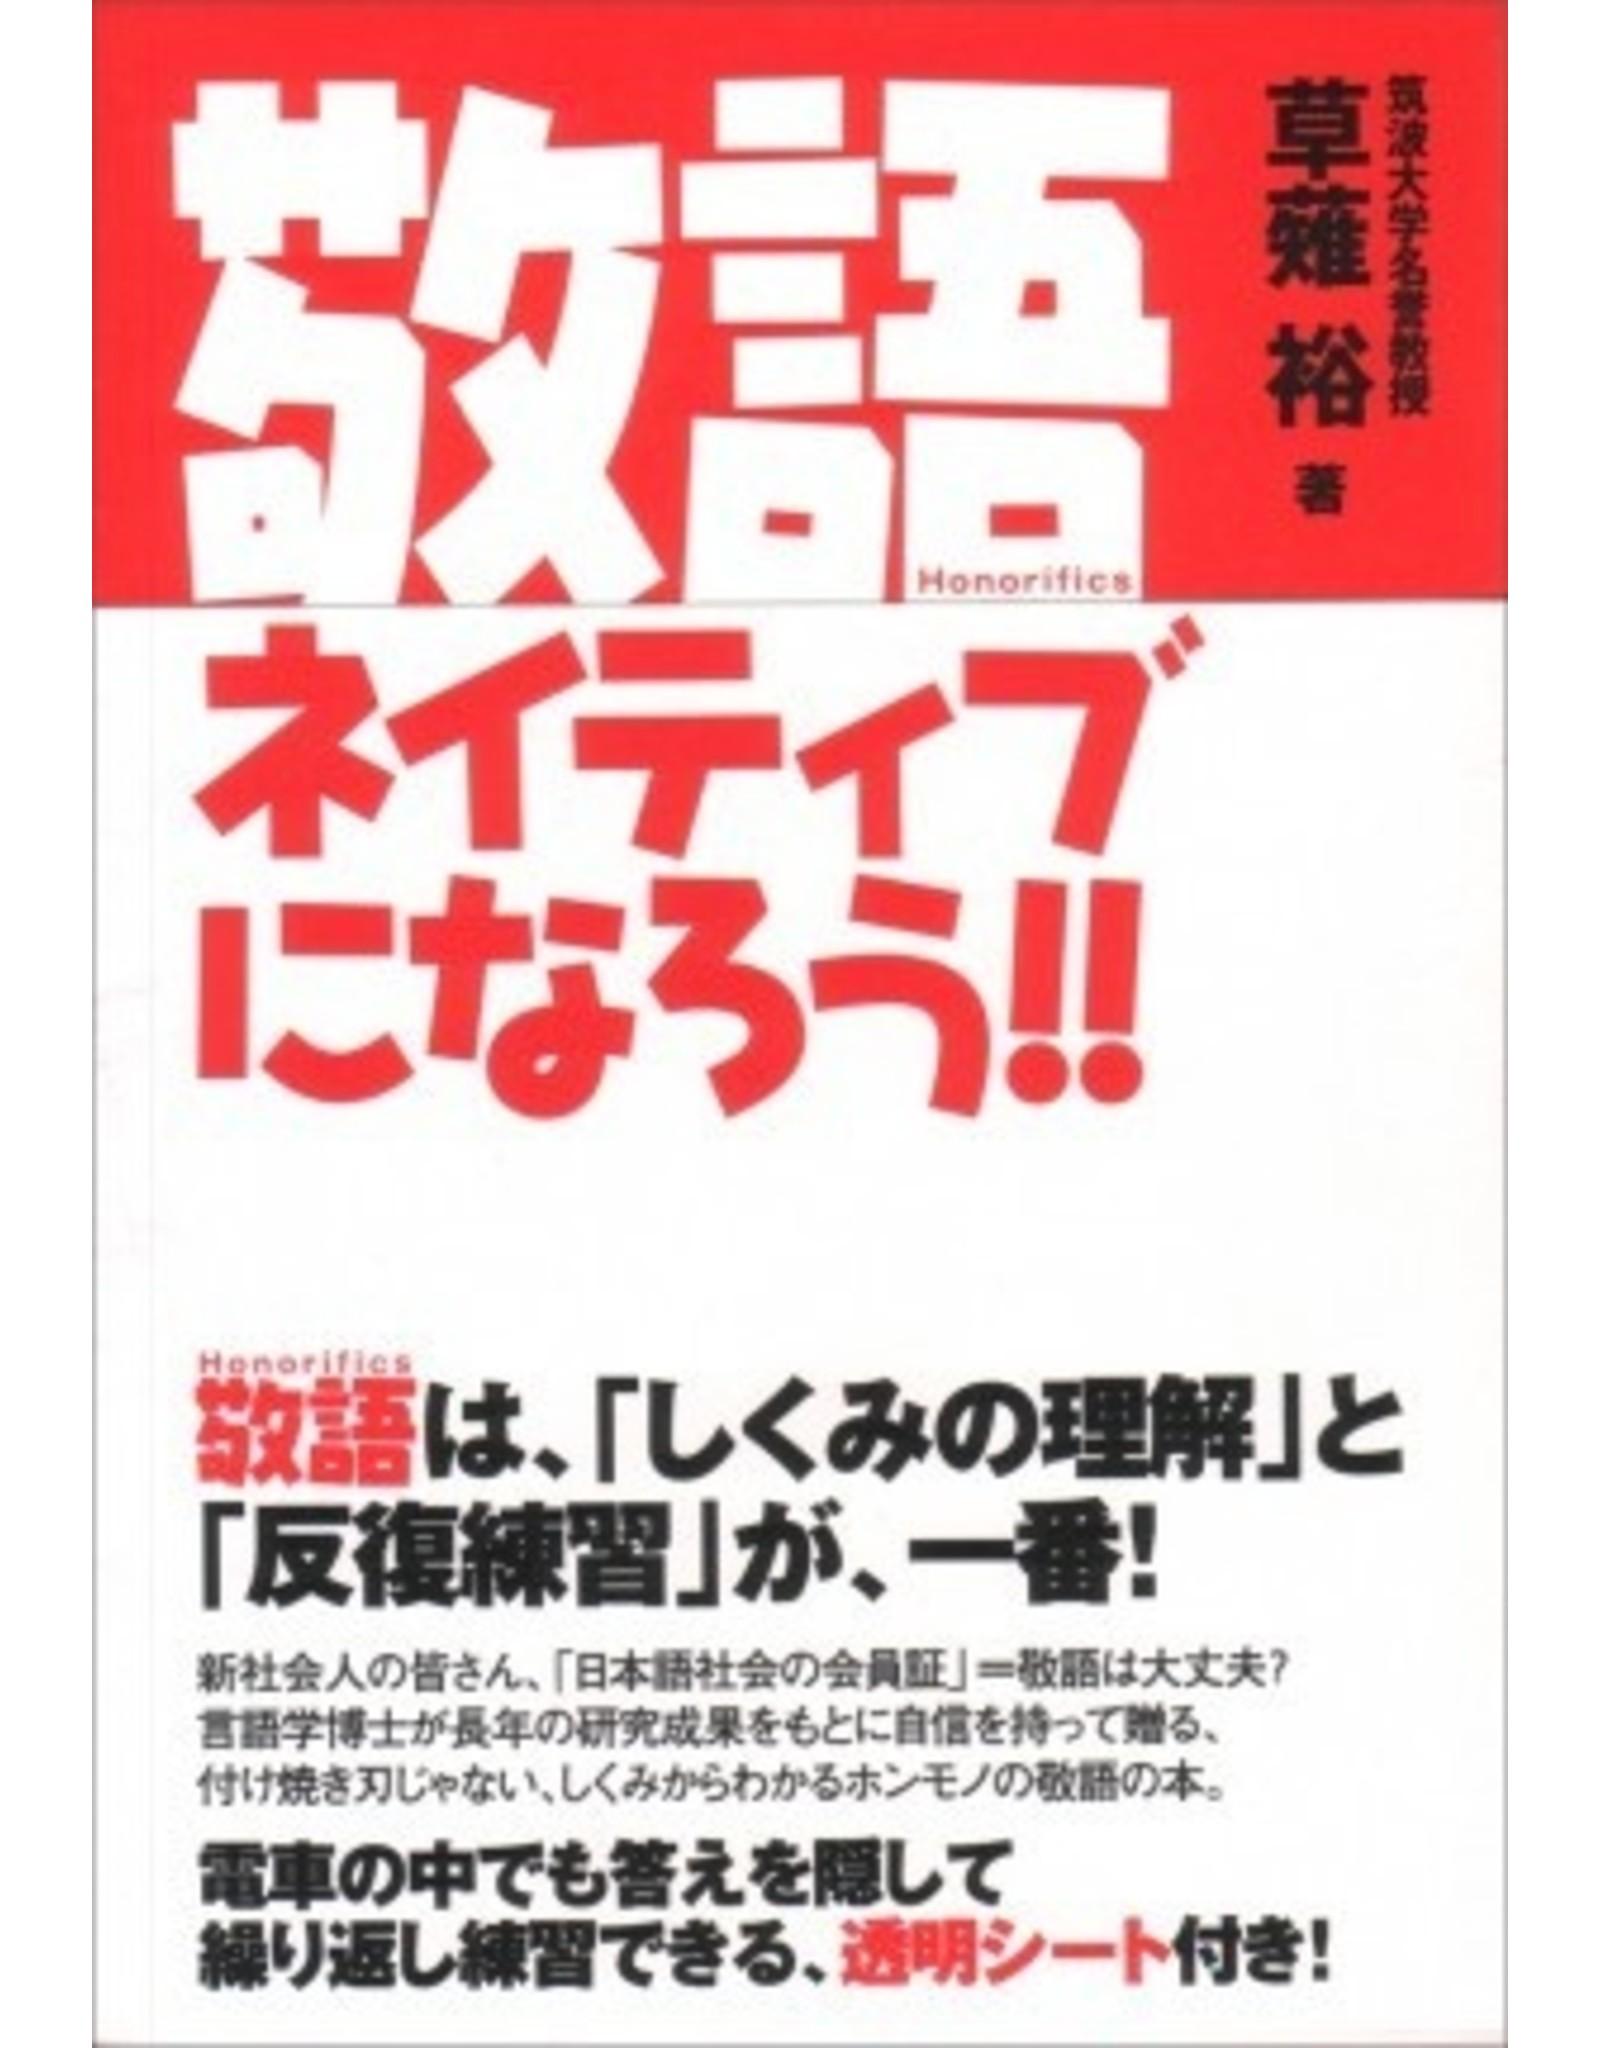 KUROSHIO KEIGO NATIVE NI NARO